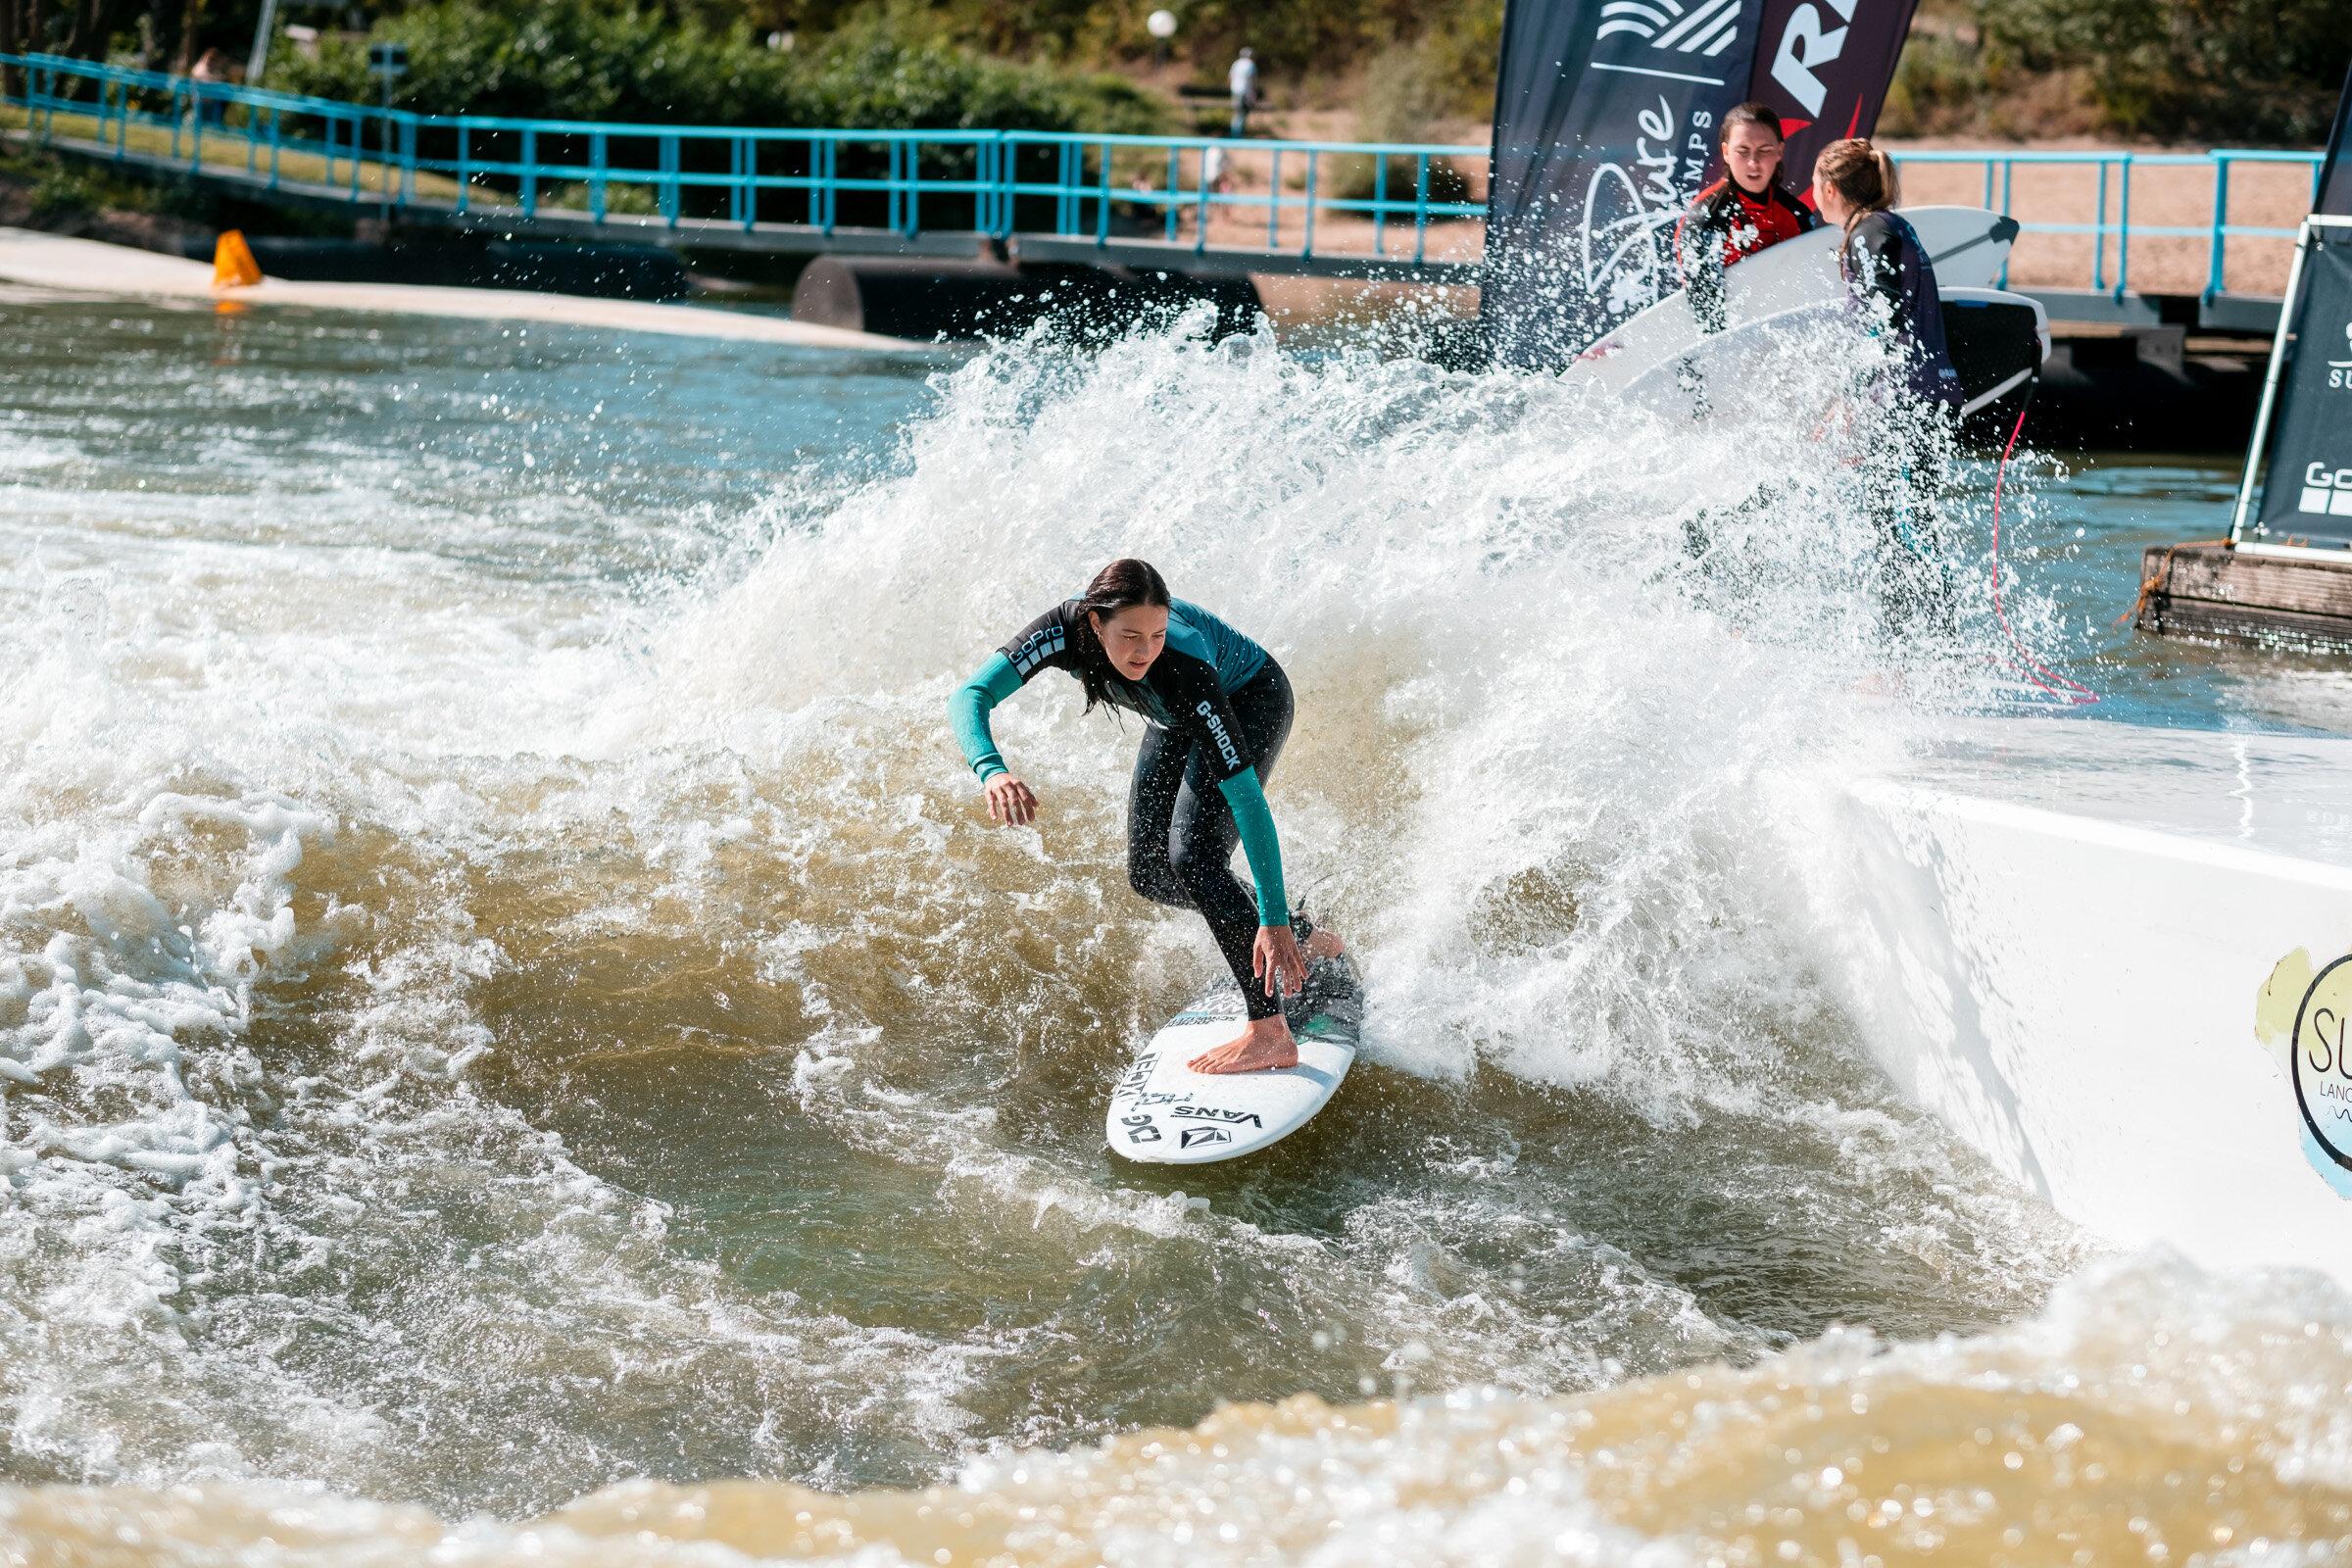 rapid-surf-contest-derKristof-192.jpg